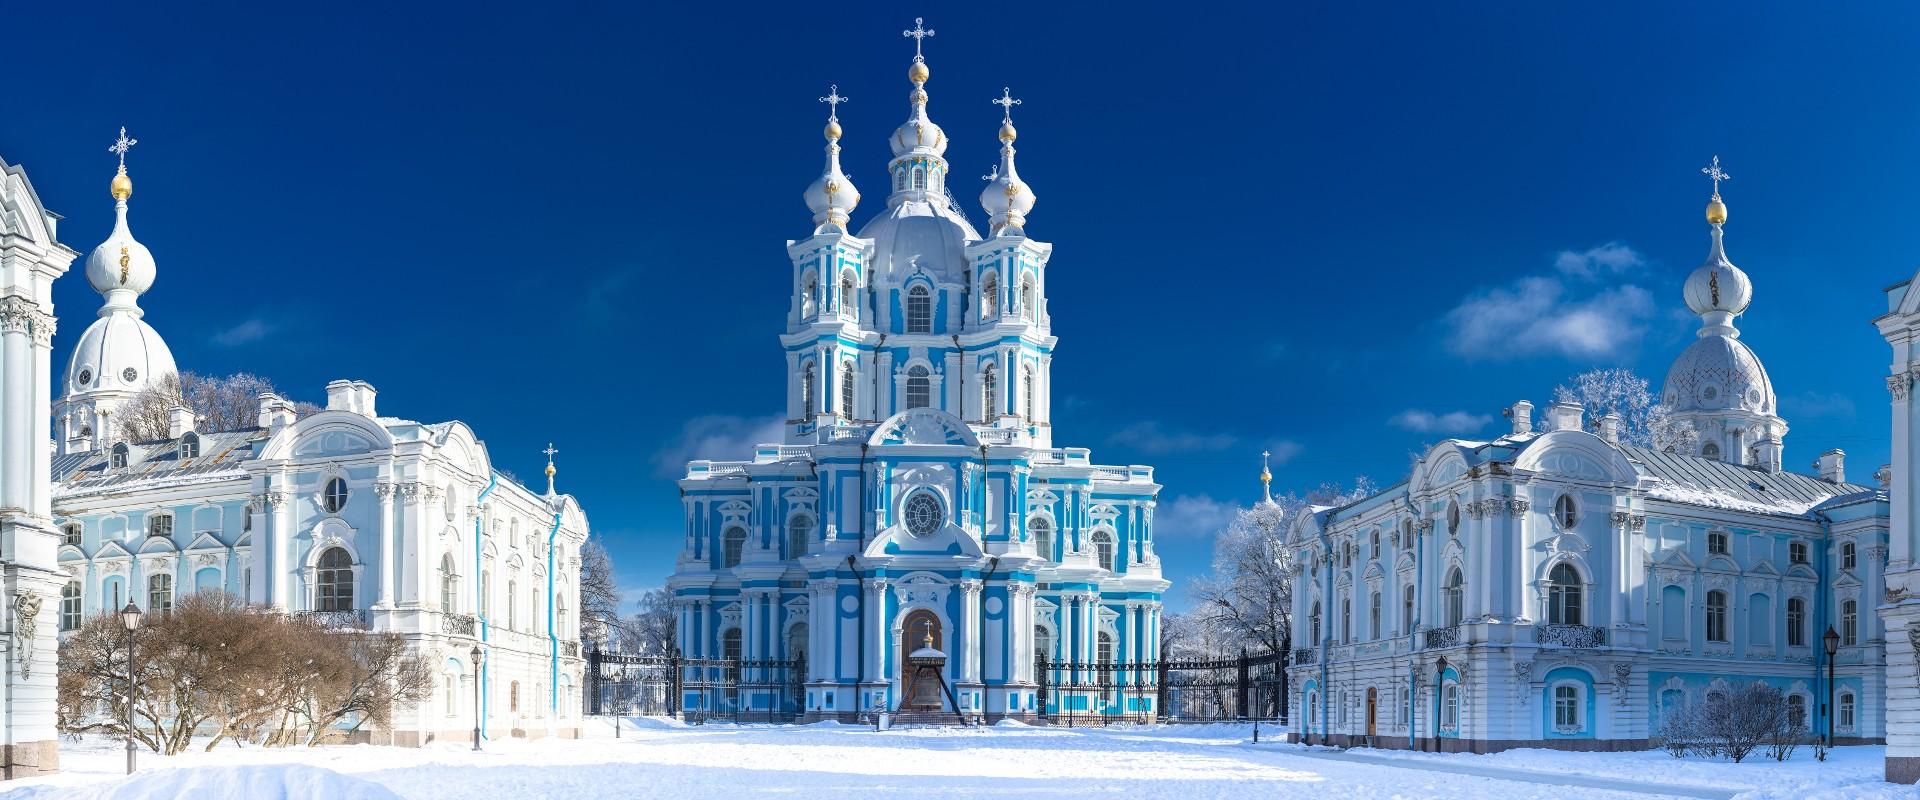 Смольный собор в СПб, где иногда можно бесплатно послушать орган